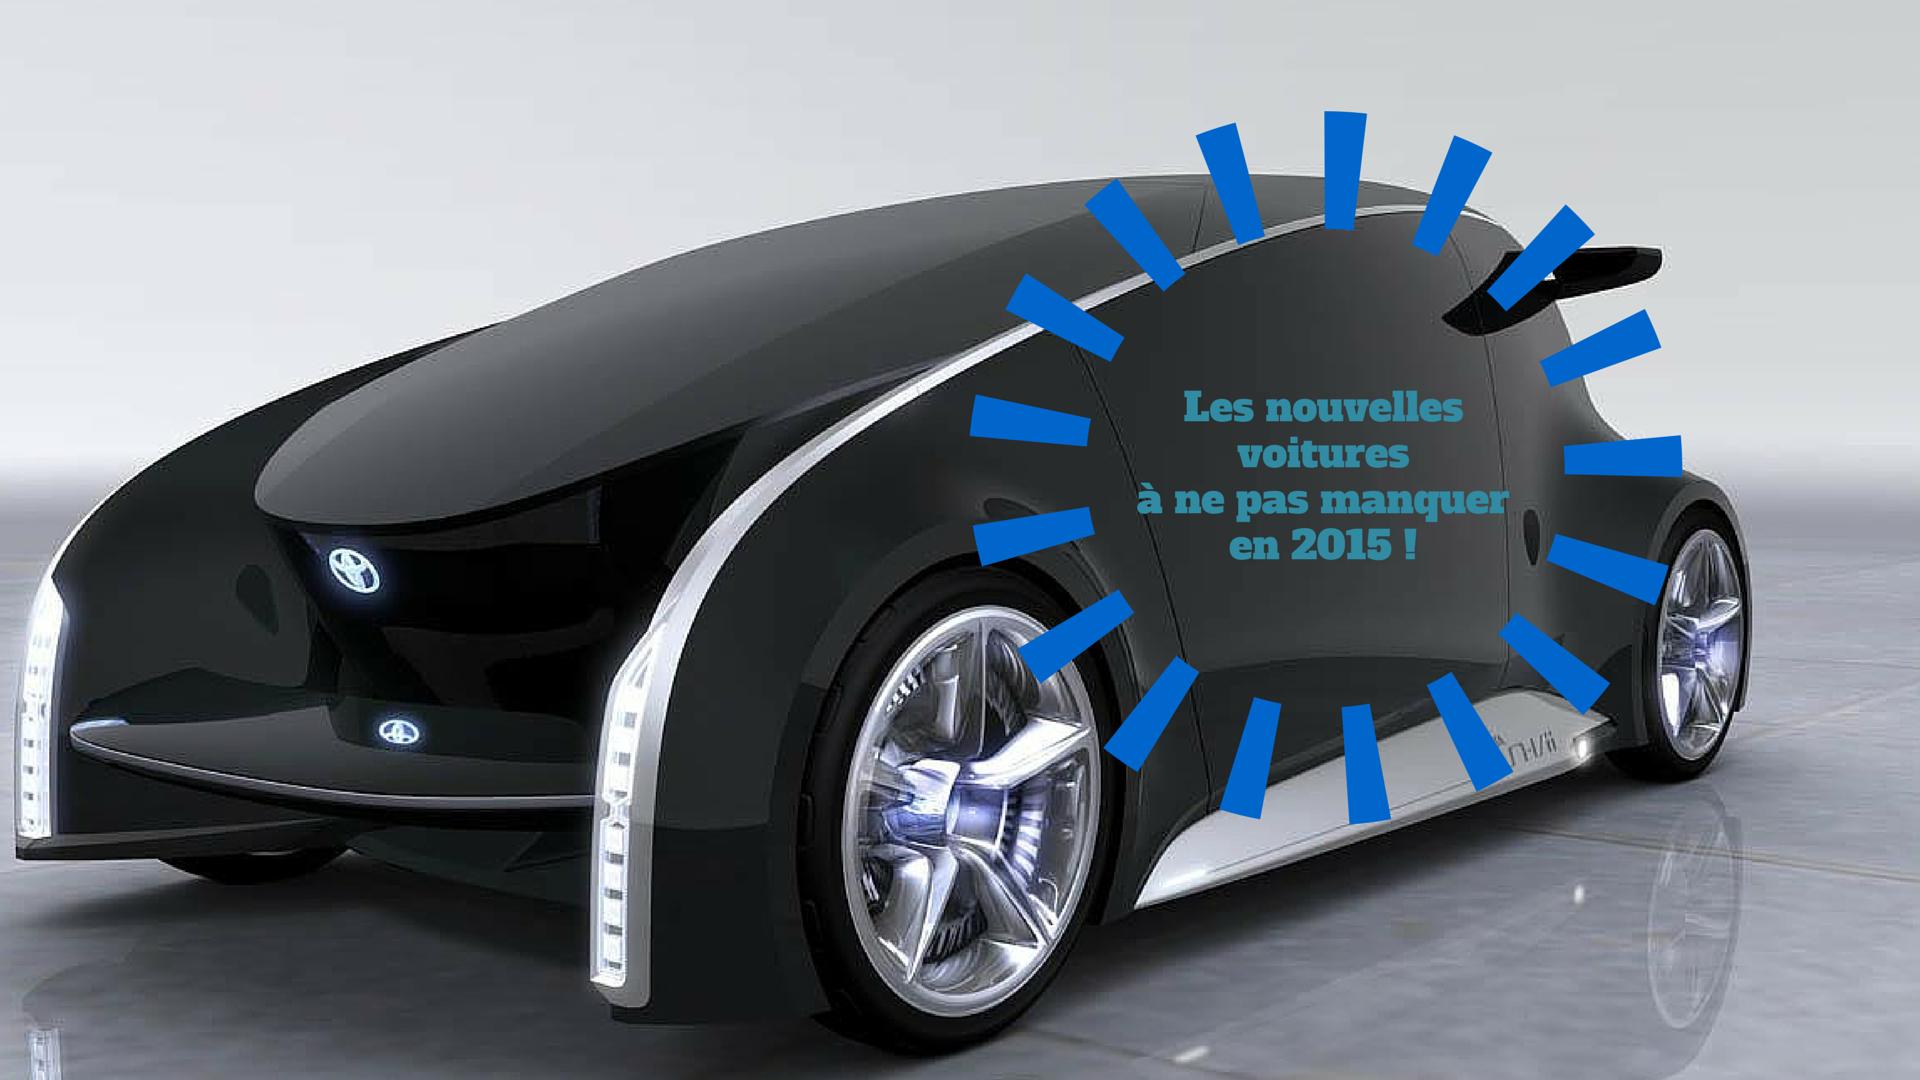 les nouvelles voitures ne pas manquer en 2015 permis mag. Black Bedroom Furniture Sets. Home Design Ideas